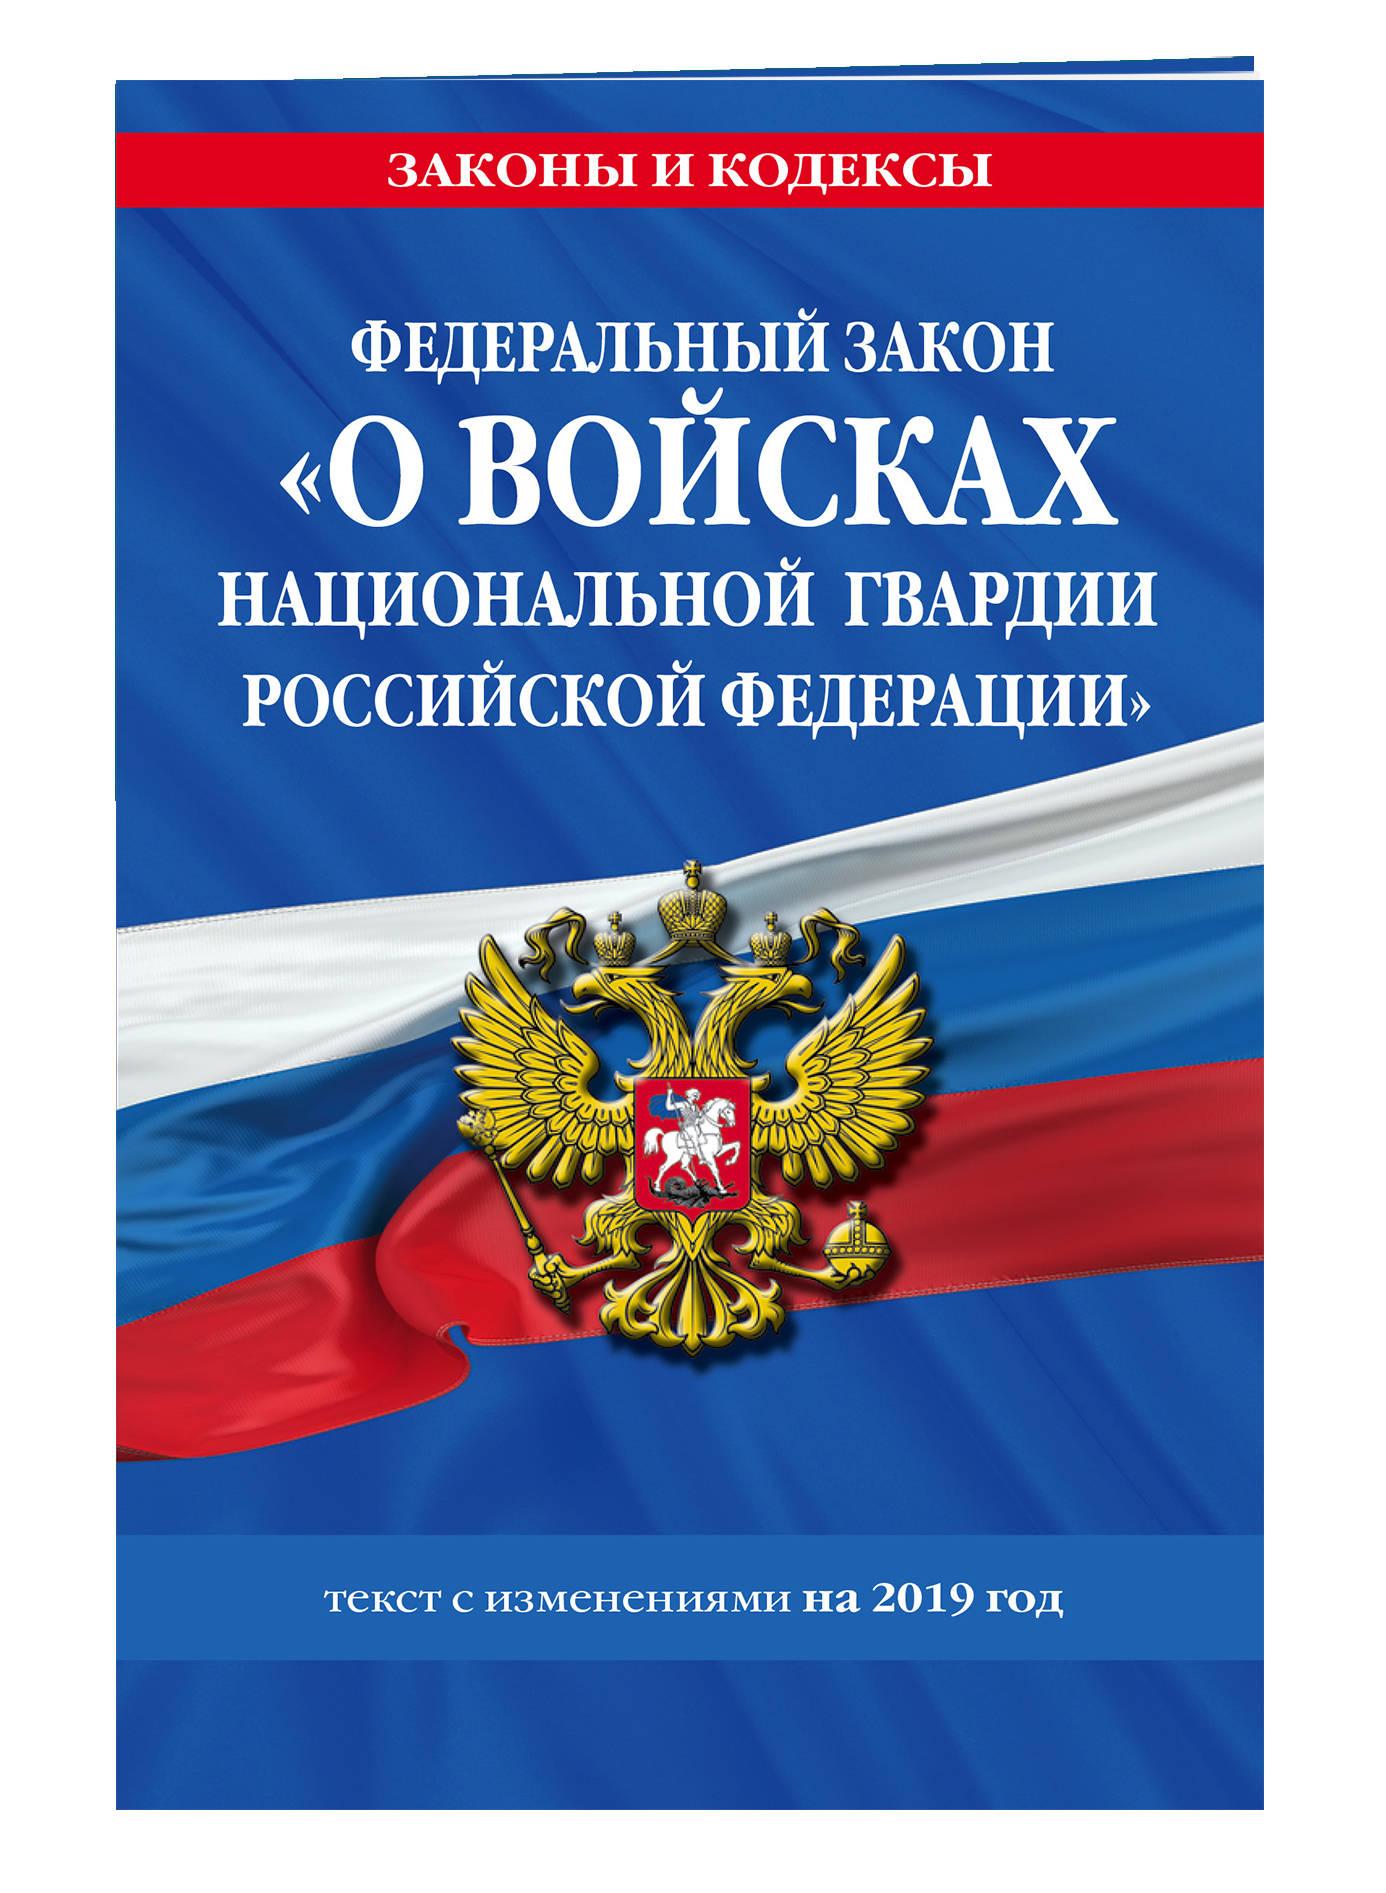 Федеральный закон «О войсках национальной гвардии Российской Федерации»: текст с изменениями на 2019 год цена